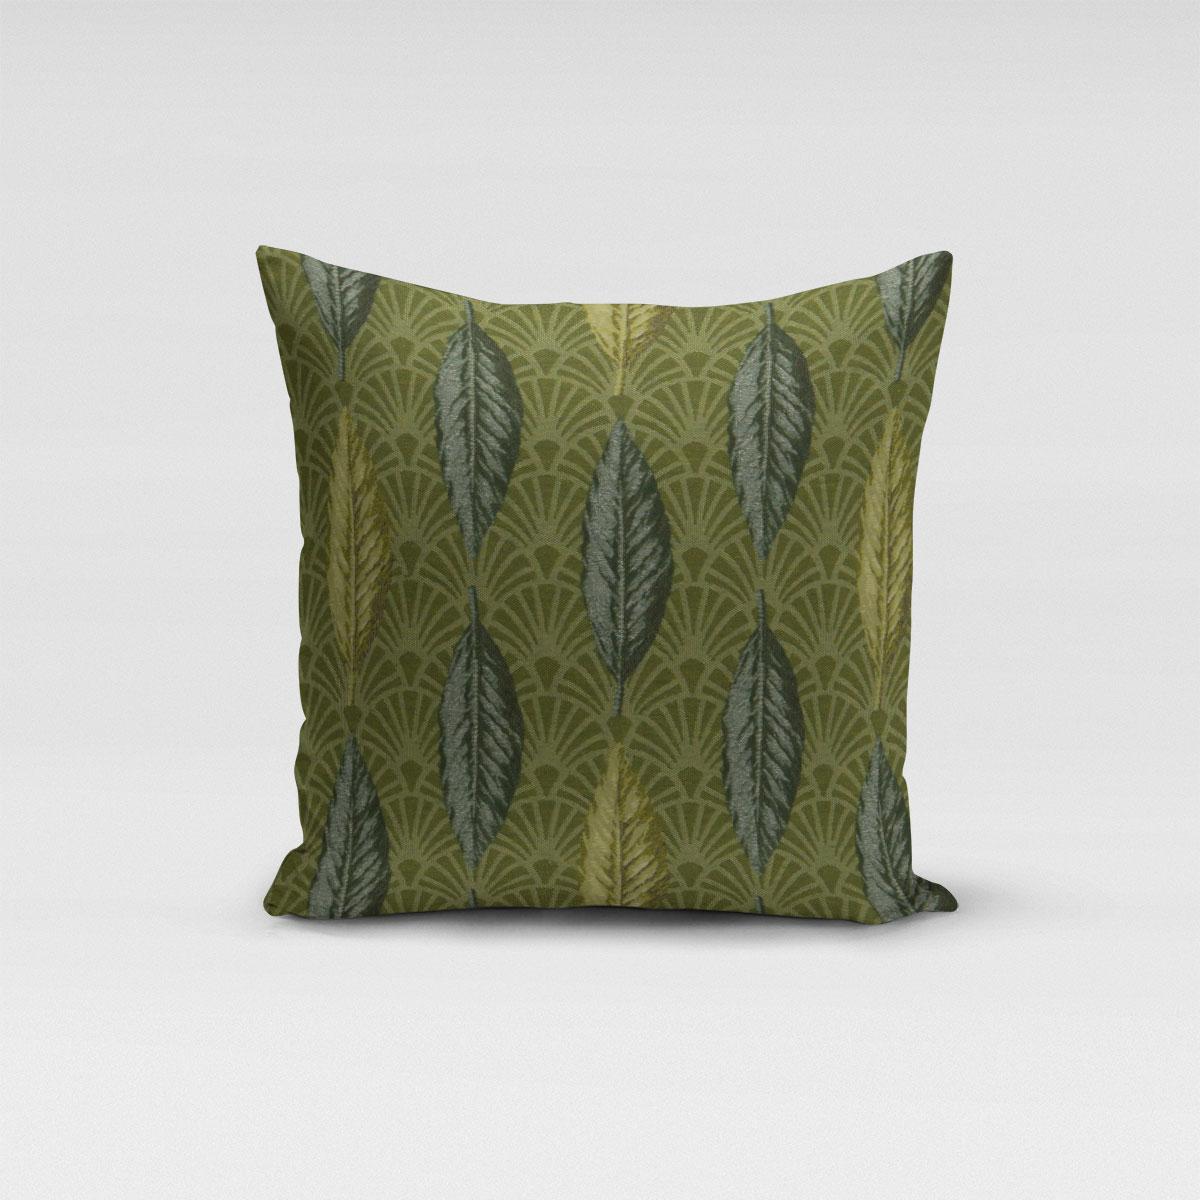 SCHÖNER LEBEN. Kissenhülle Art Déco Blätter Fächer grün creme verschiedene Größen